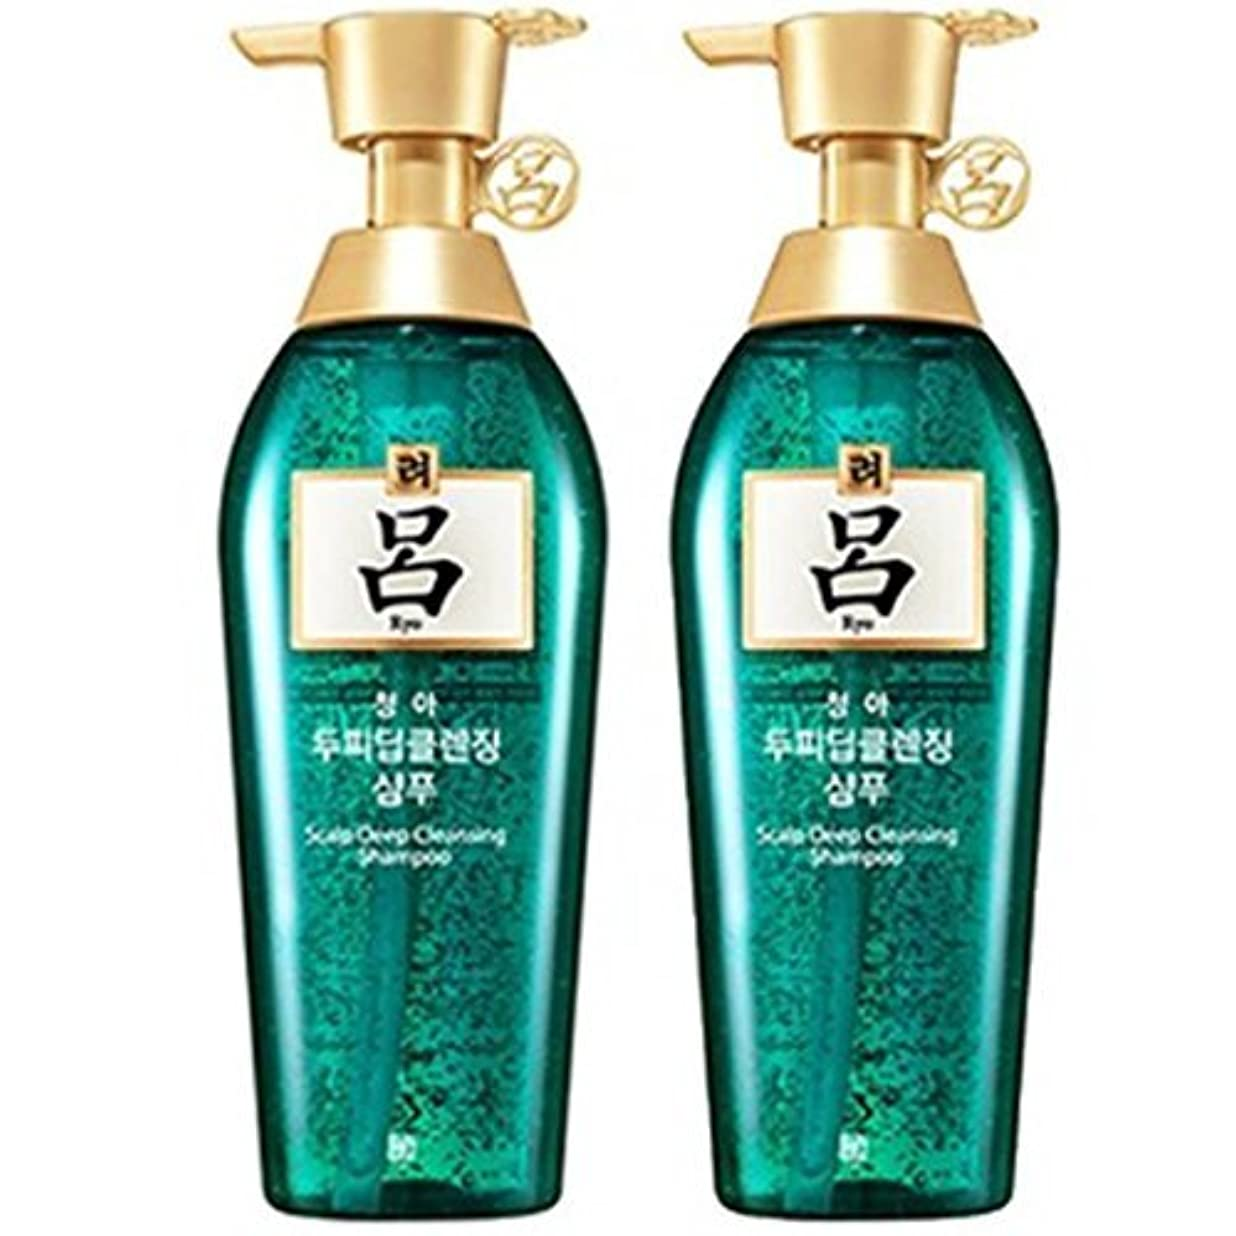 オリエンテーション教義コーンウォール[RYO/呂/リョ] 清雅頭皮 ディープ クレンジング 企画セット(シャンプー/400mlX2ea)/Cheong ah Scalp Deep Cleansing Shampoo